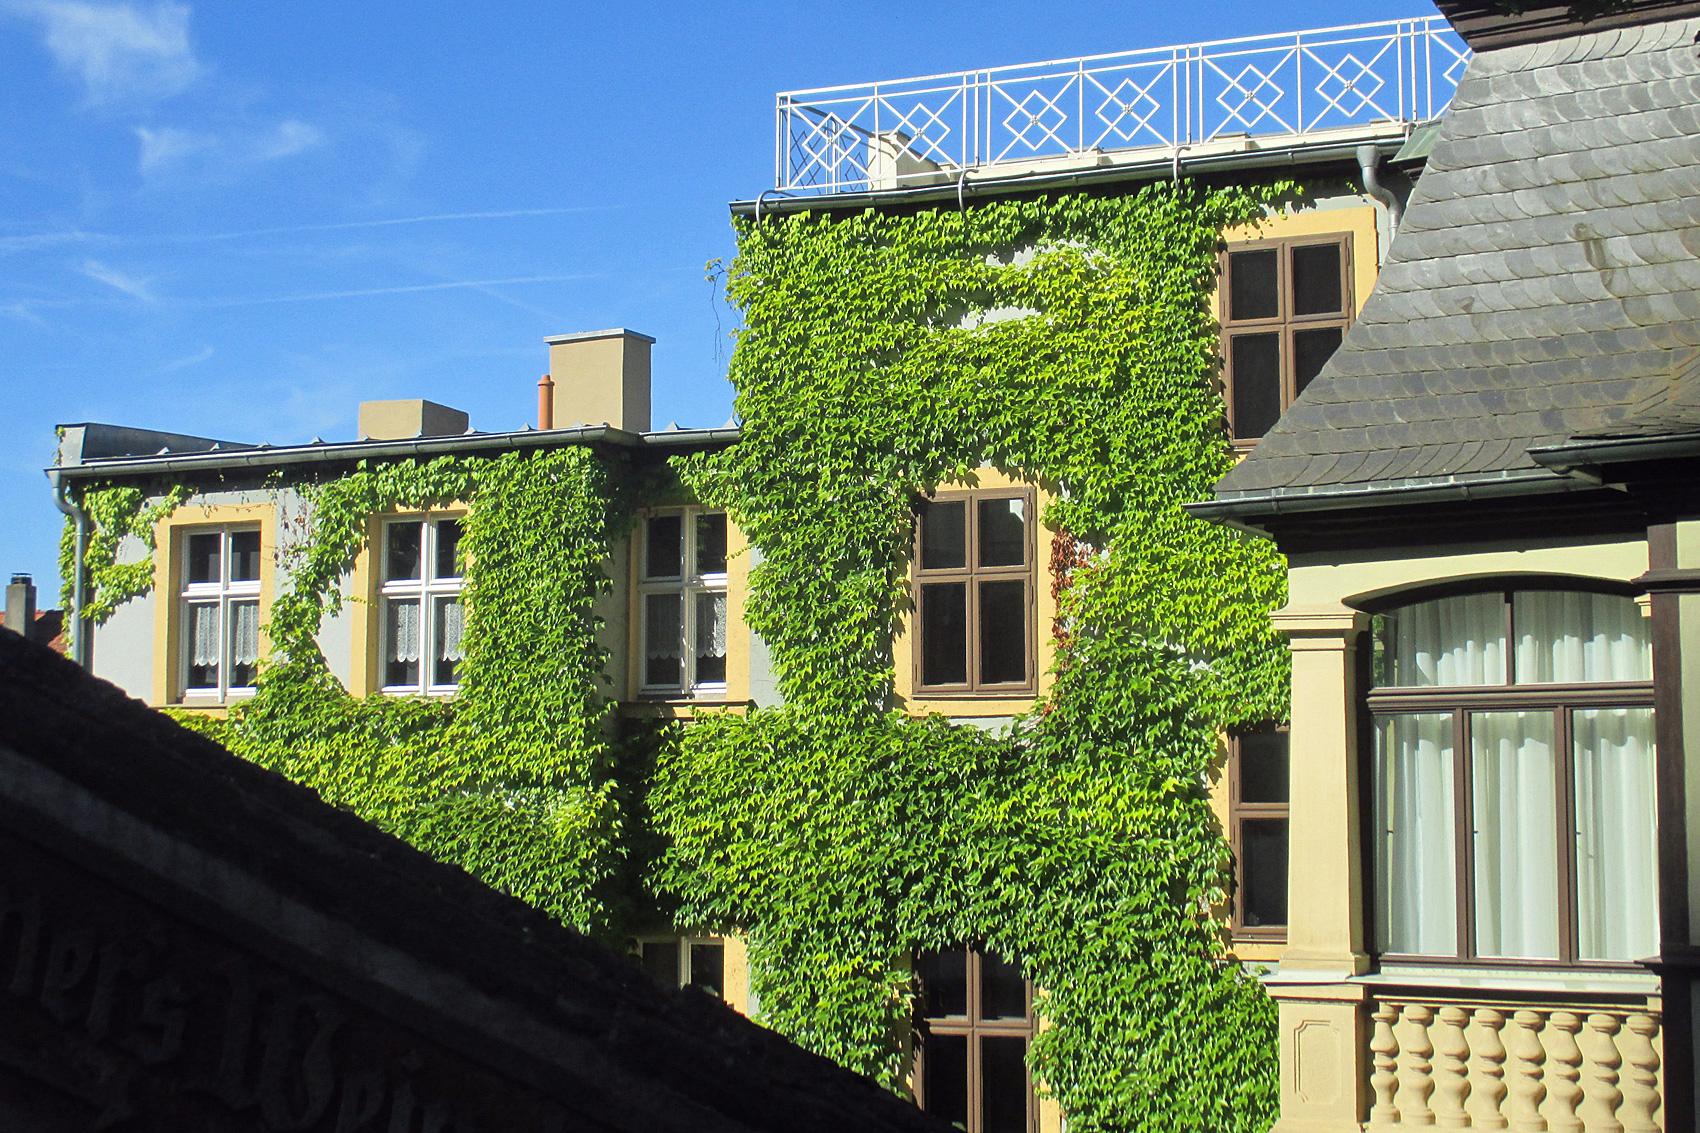 Berühmt Gartentipp: Kletterpflanzenvielfalt und Fassadenbegrünung | Native WR49